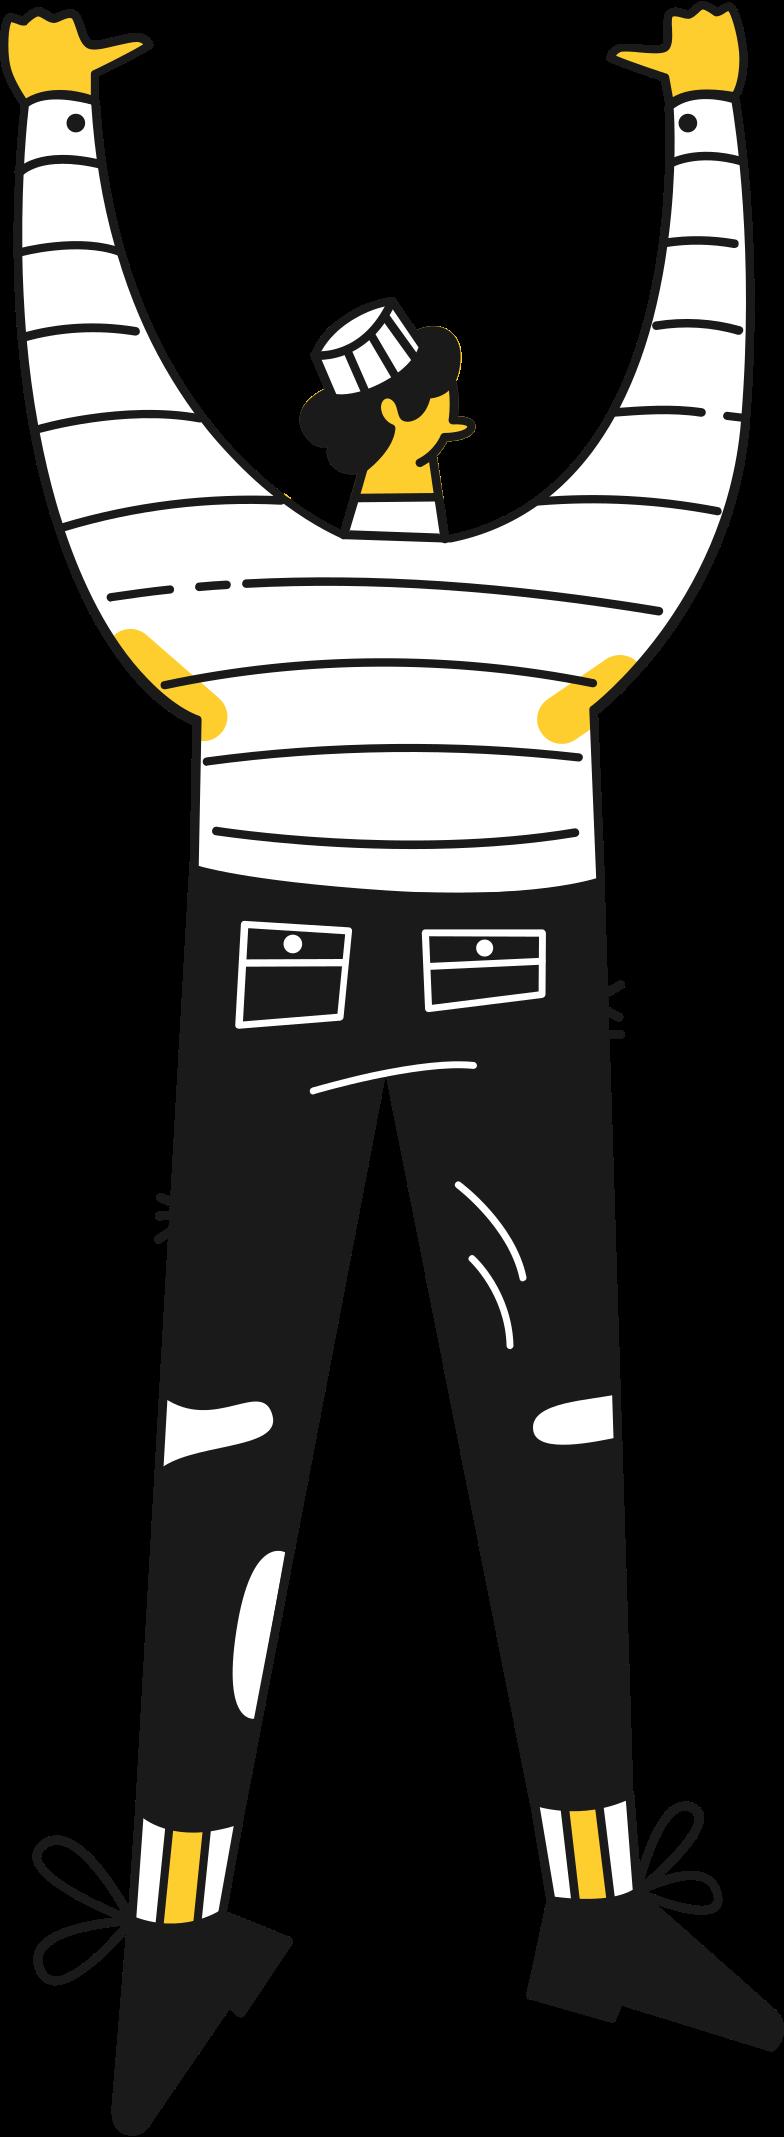 prisoner Clipart illustration in PNG, SVG